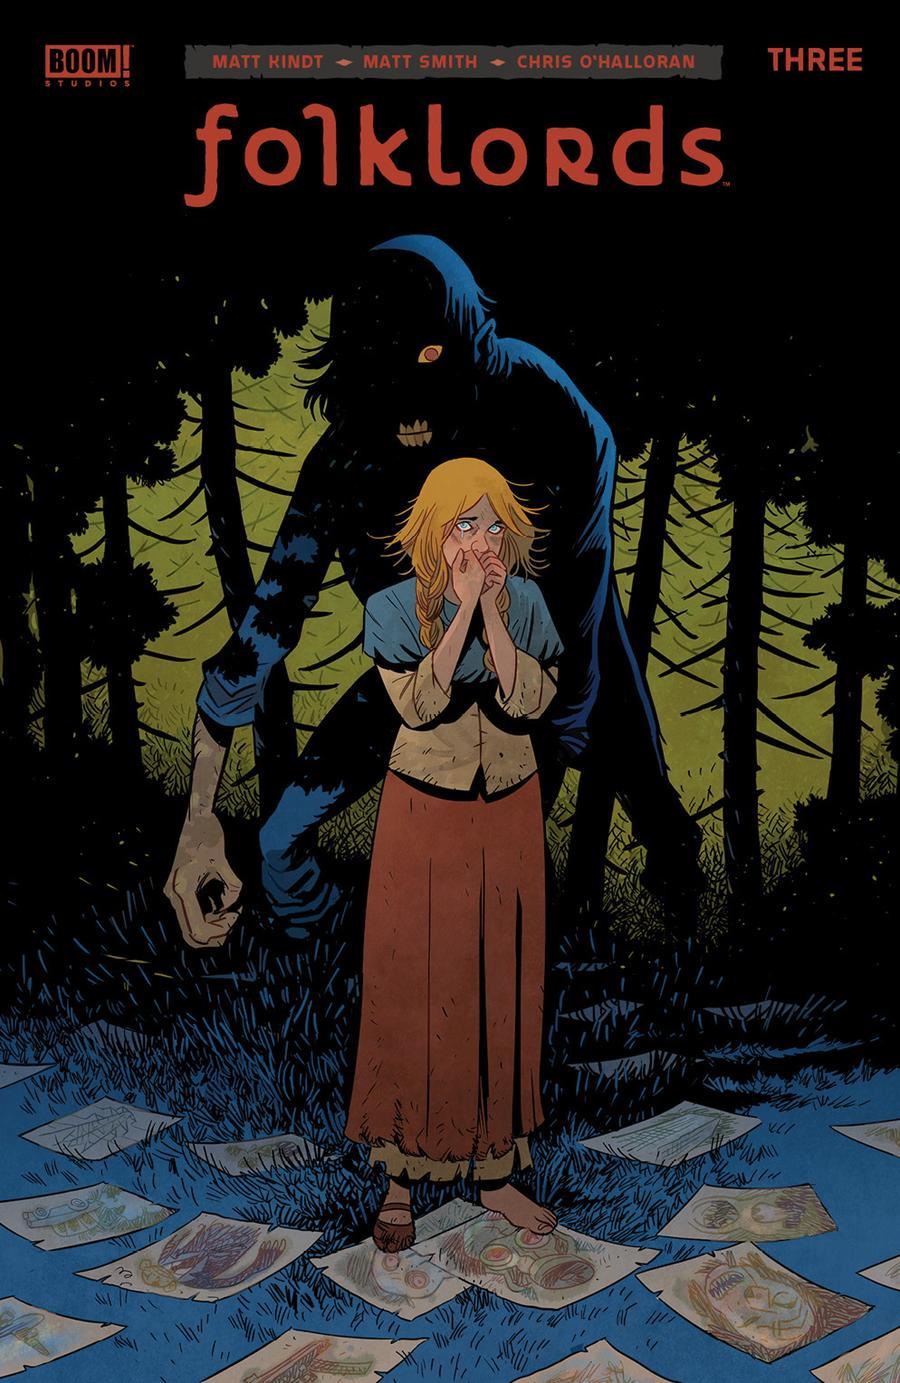 Folklords #3 Cover A 1st Ptg Regular Matt Smith Cover